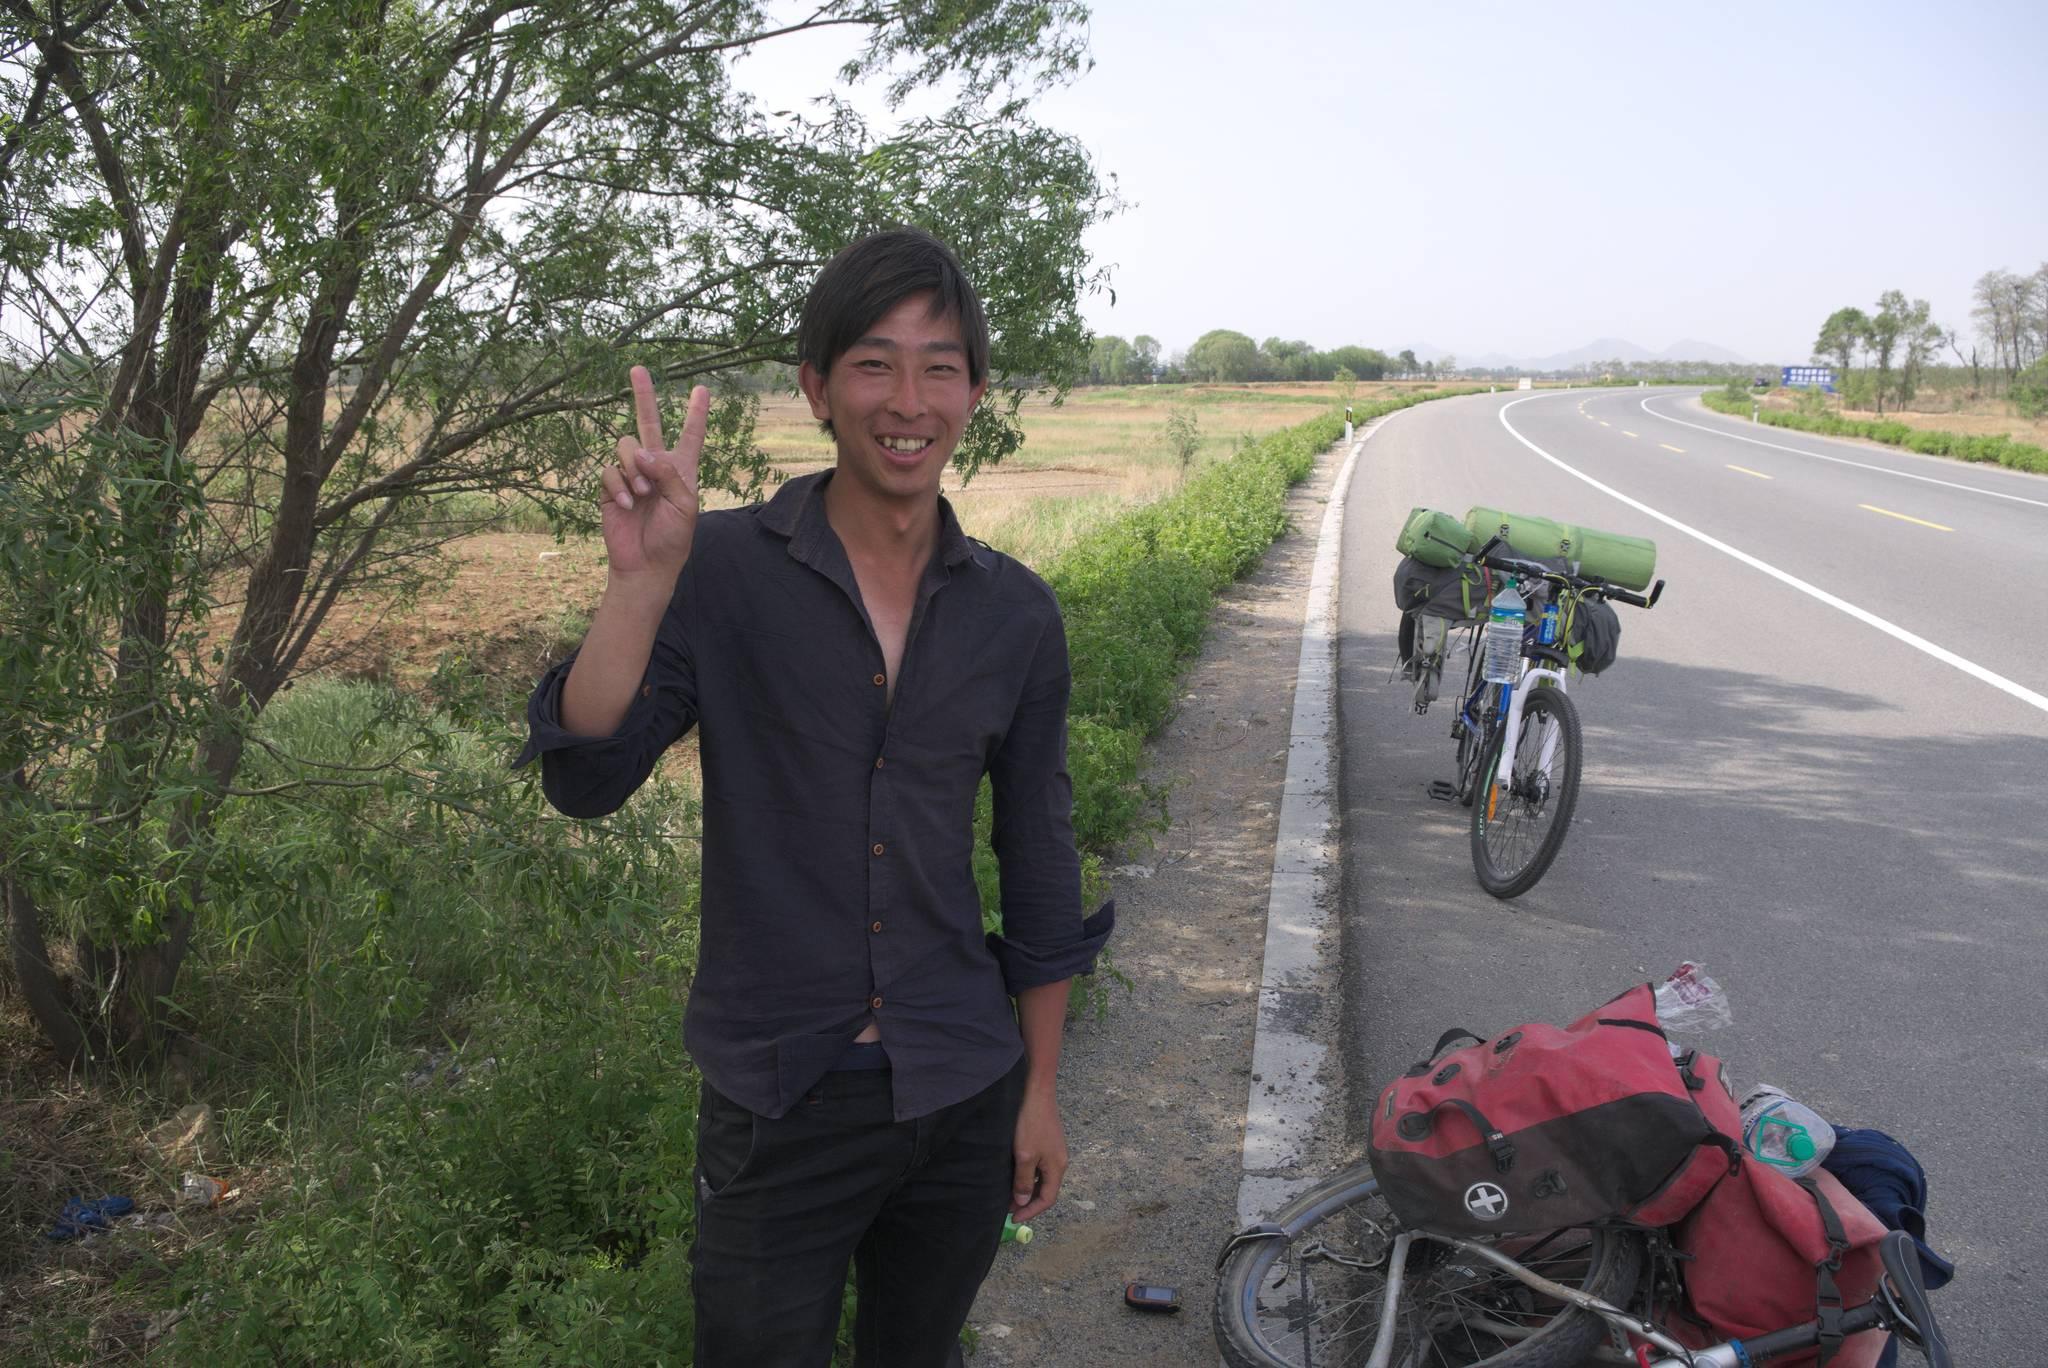 Ten wesoły obywatel jedzie wzdłuż wybrzeża, z Dalian do Tiencin. Zgarniam go po drodze.